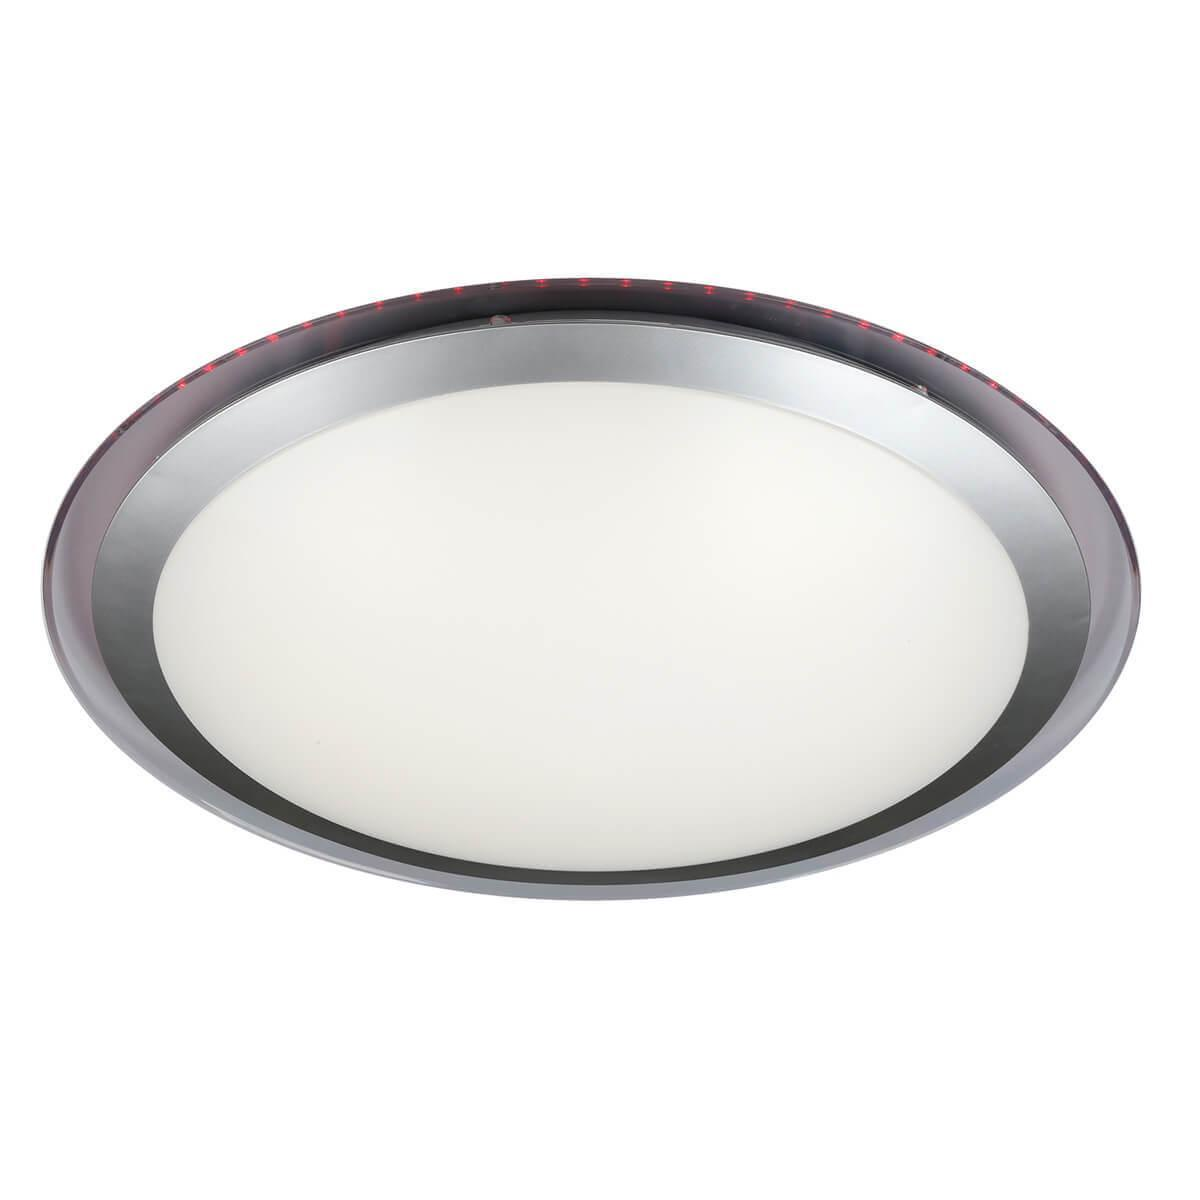 Фото - Накладной светильник Omnilux OML-47107-60, LED, 60 Вт потолочный светодиодный светильник omnilux oml 45407 60